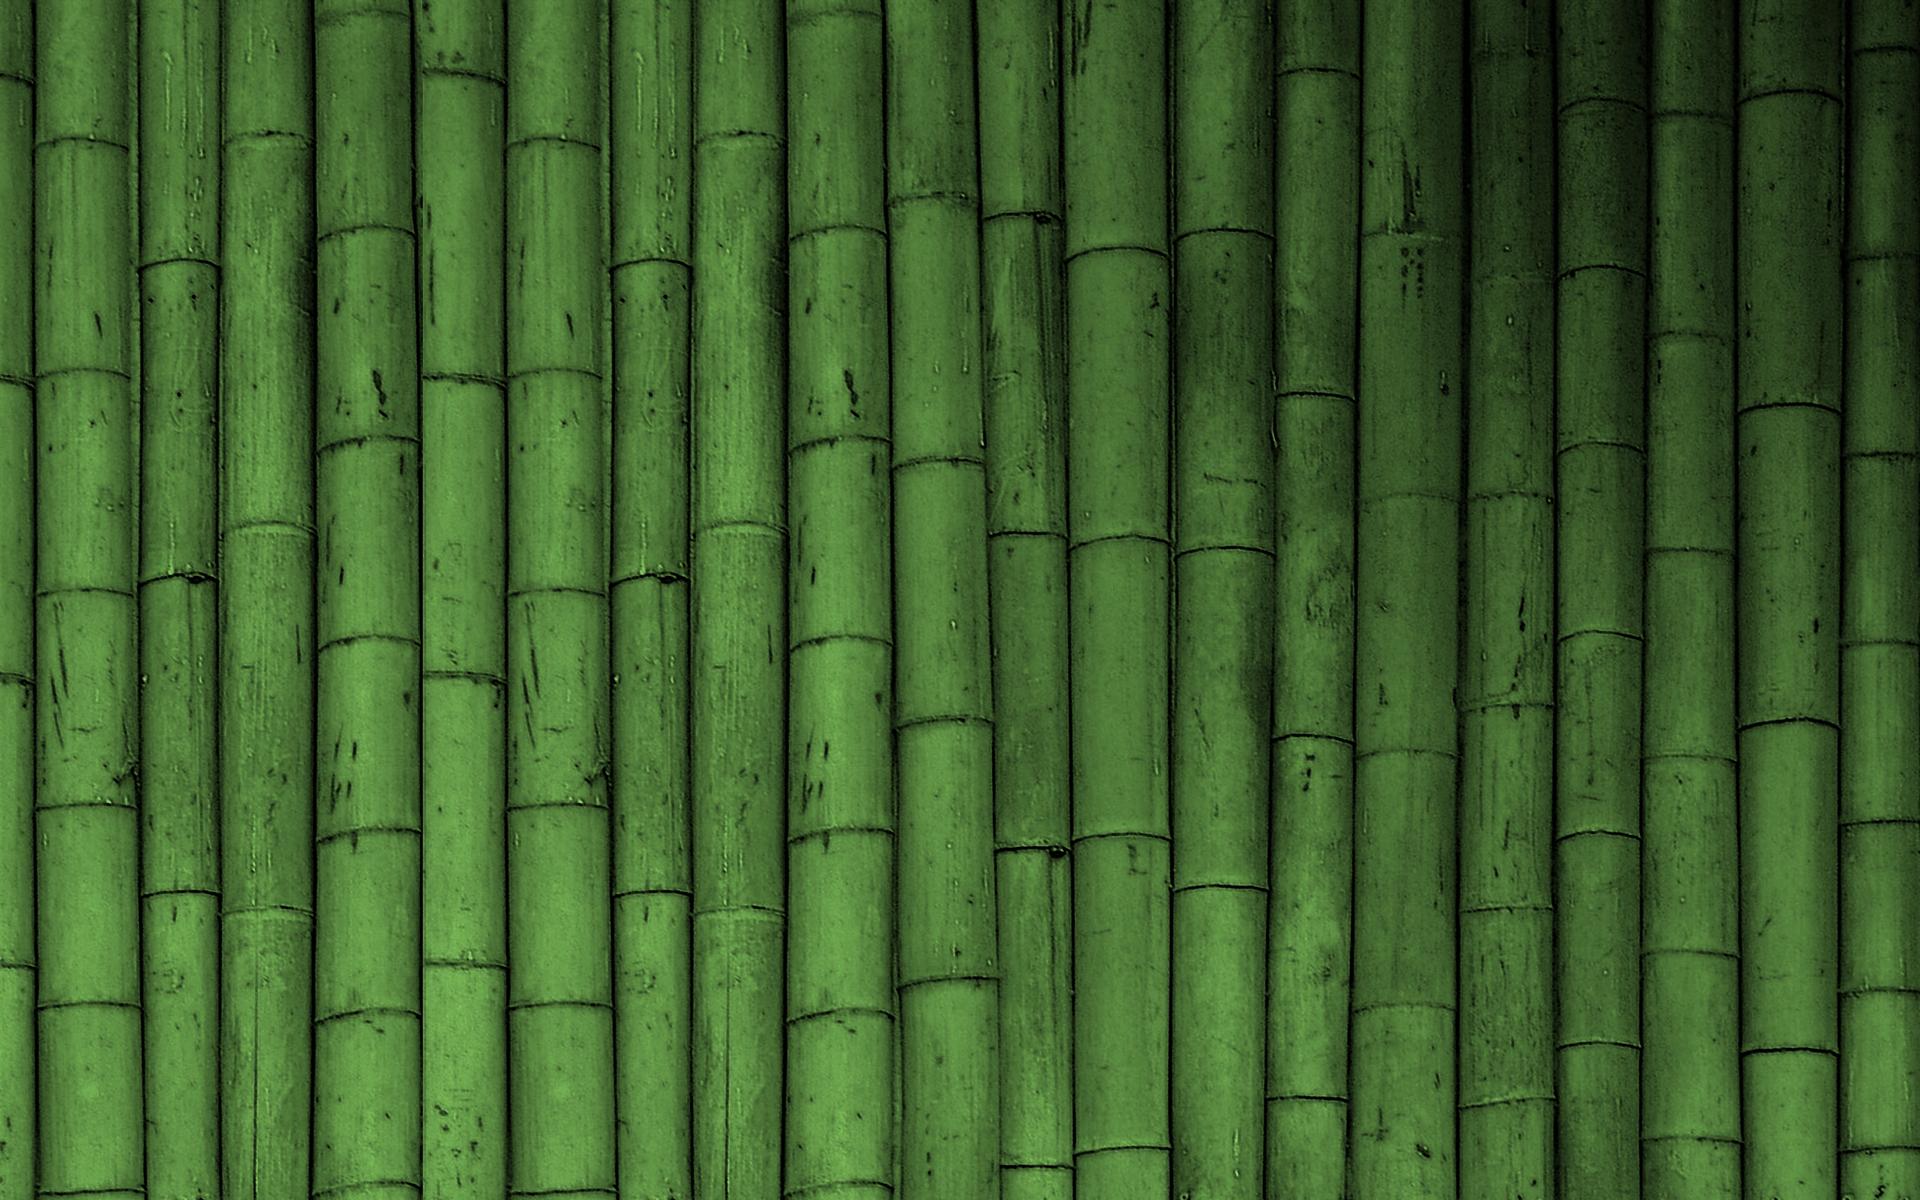 Bamboo wallpaper green wallpaper 19784745 fanpop for Bamboo wallpaper